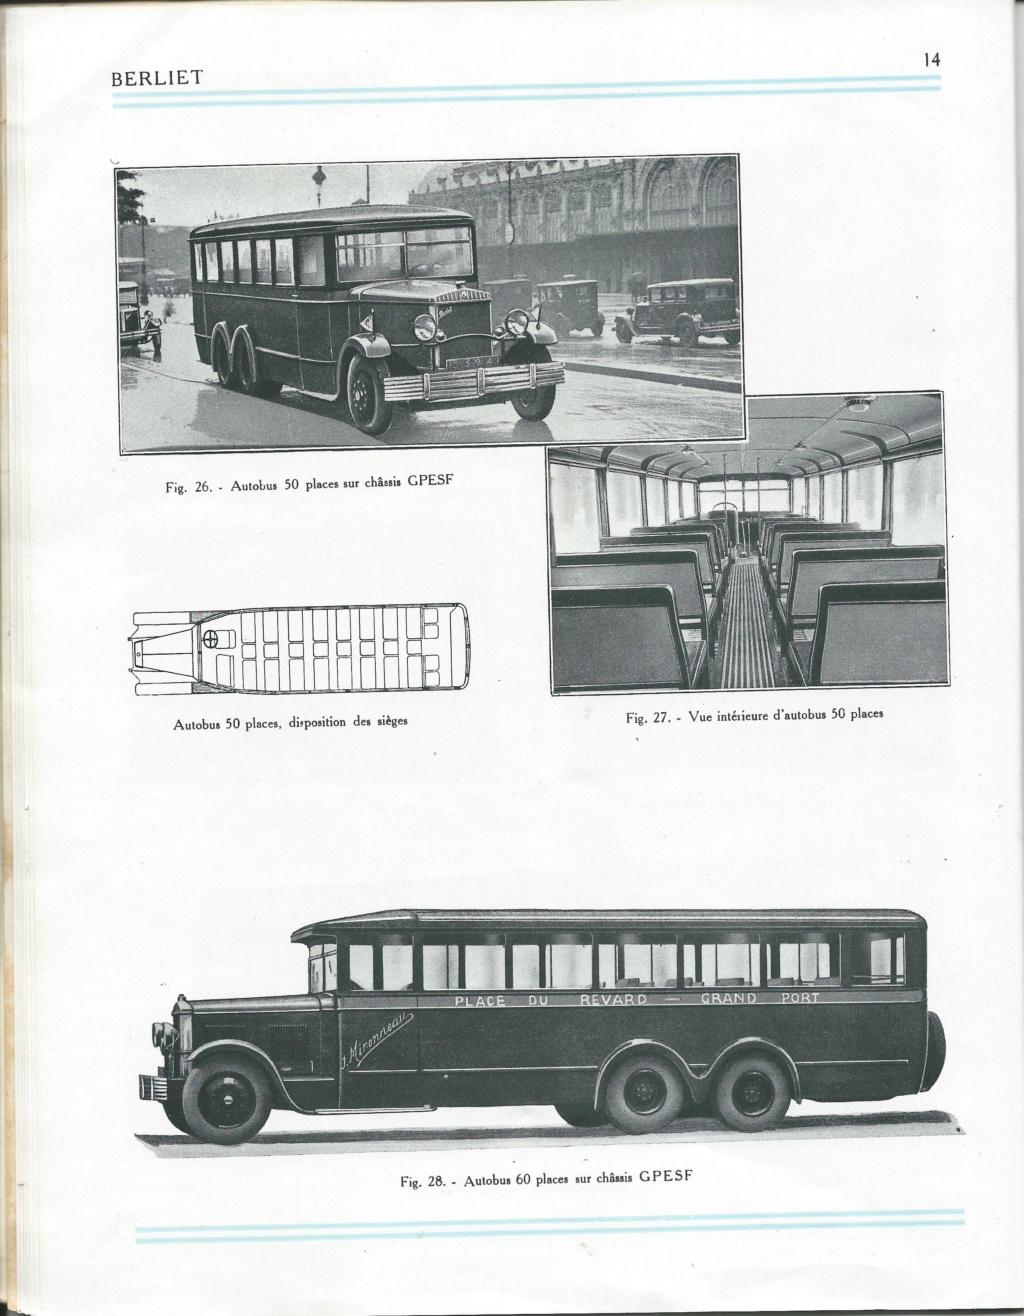 Pub , catalogues et livres sur BERLIET - Page 3 Berlie58